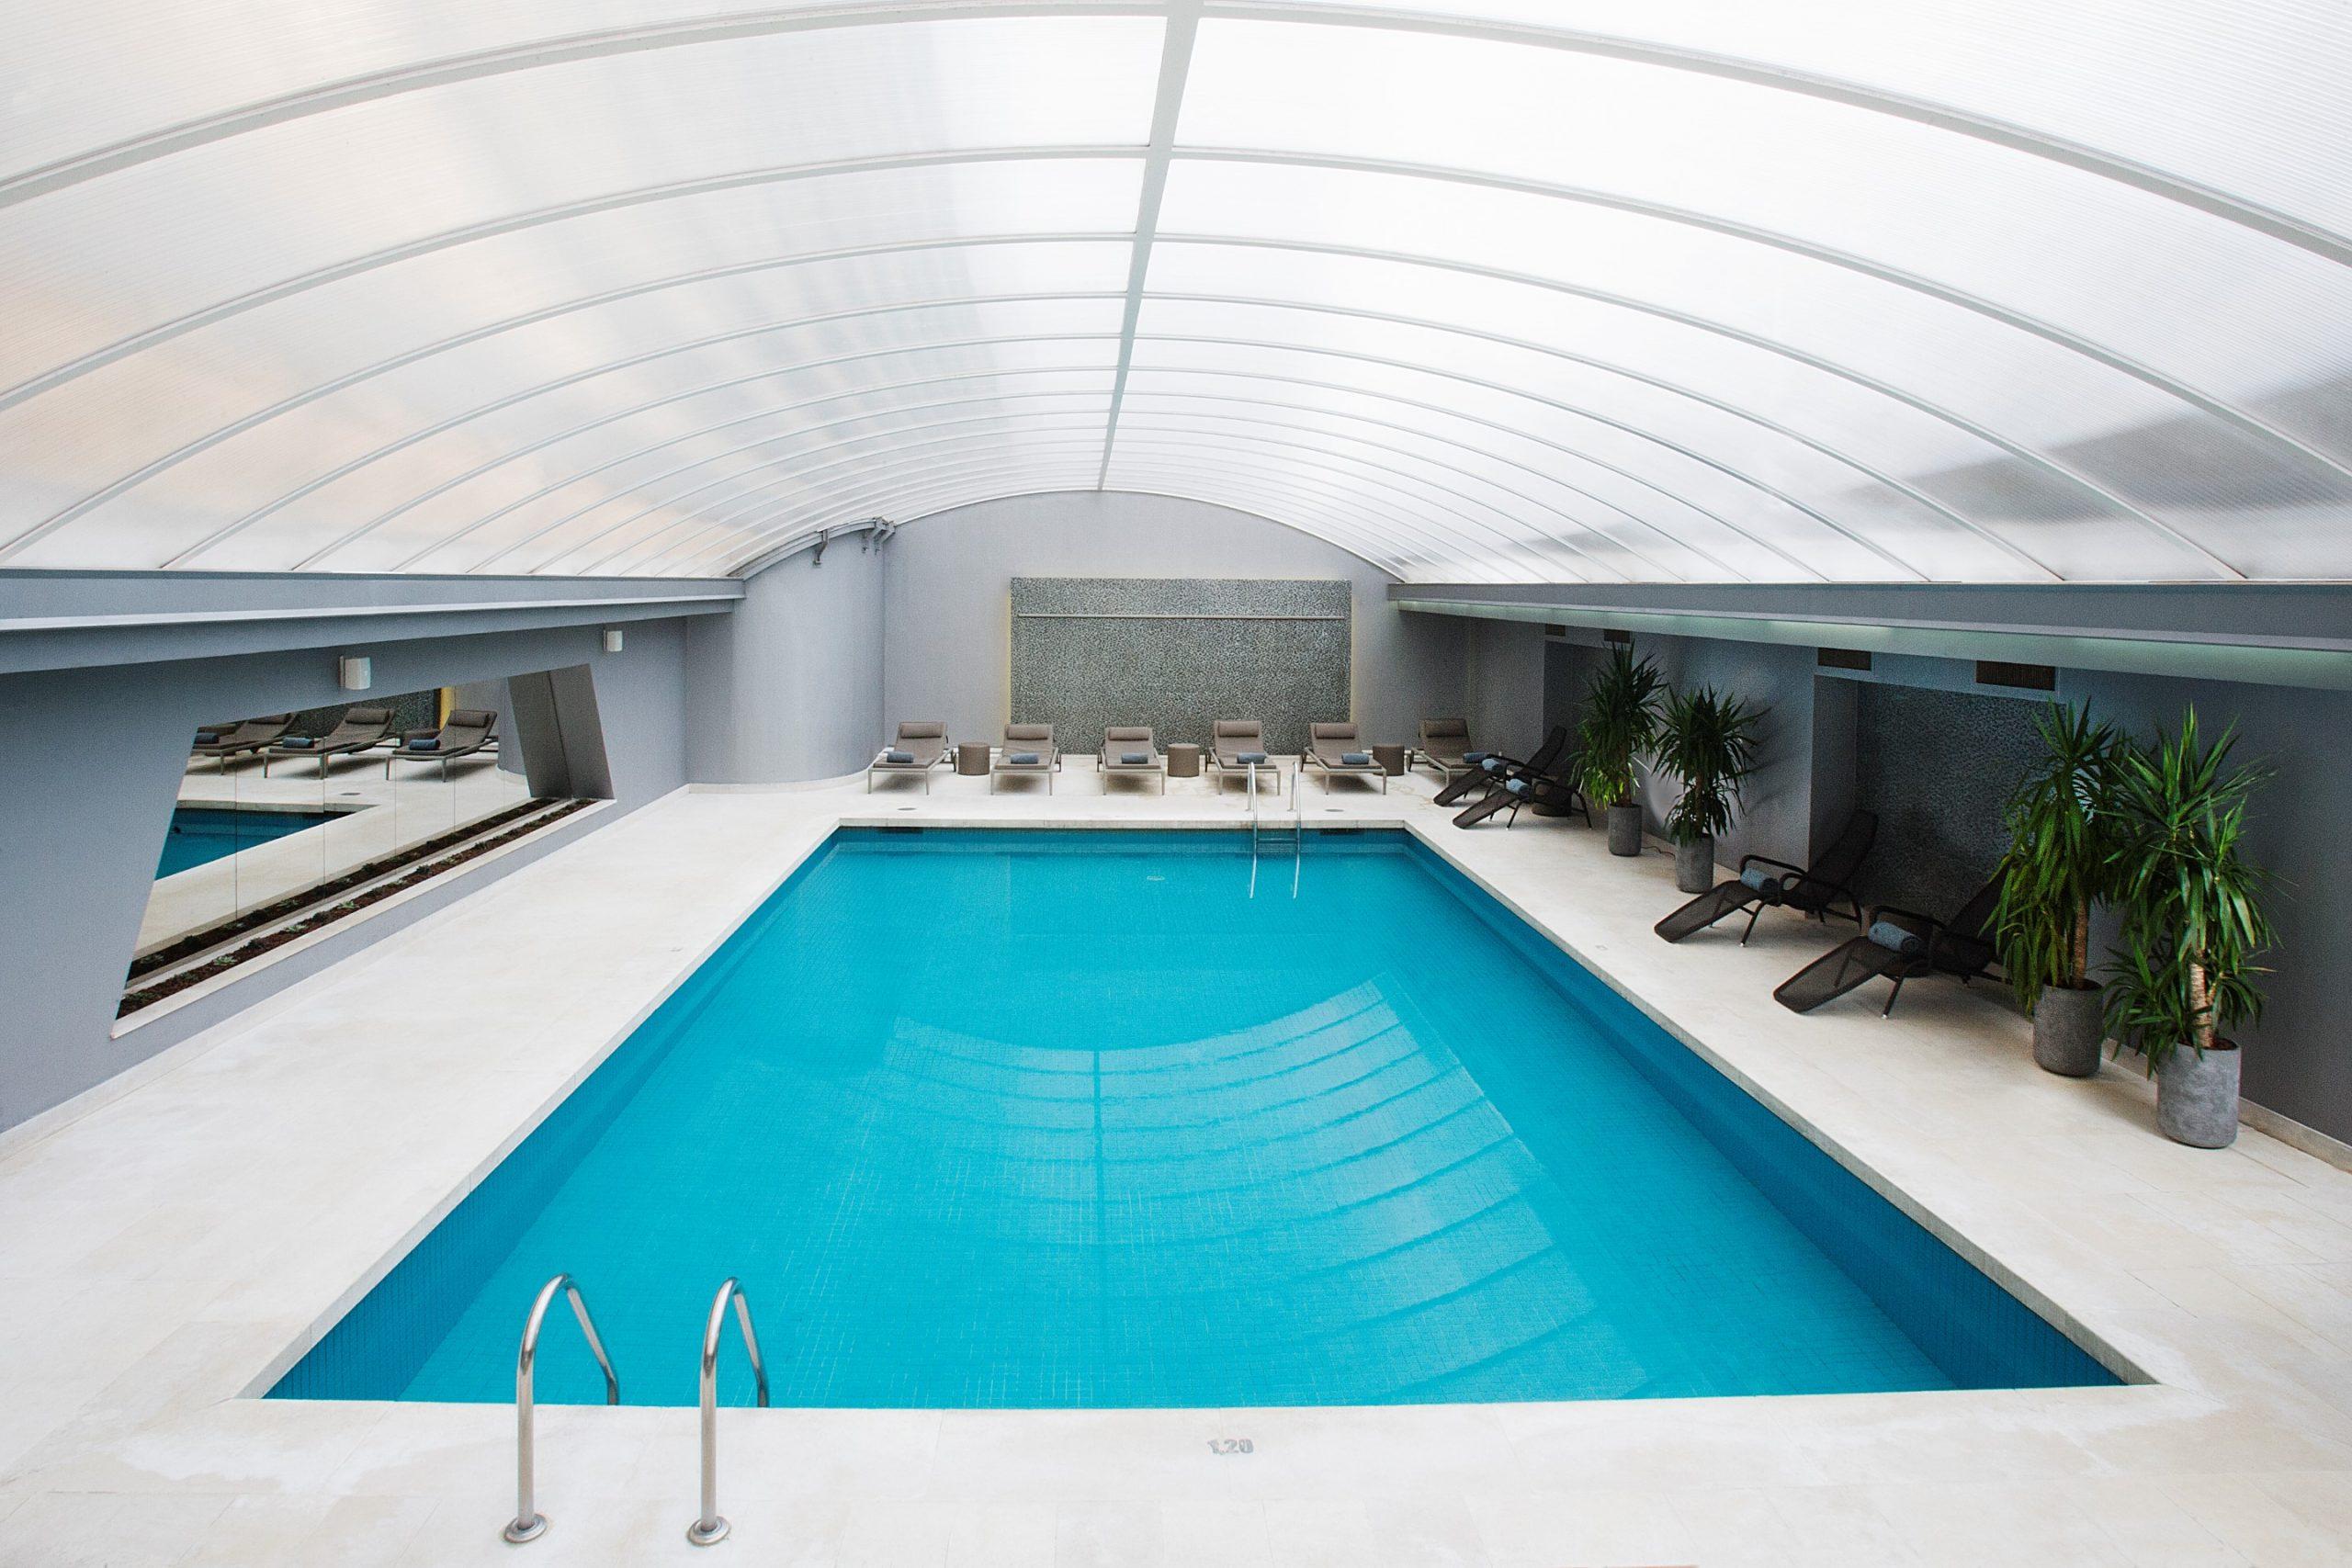 Hôtels Avec Spa À Lisbonne - Altis Spa & Bien-Être Du Corps ... tout Hotel Lisbonne Avec Piscine